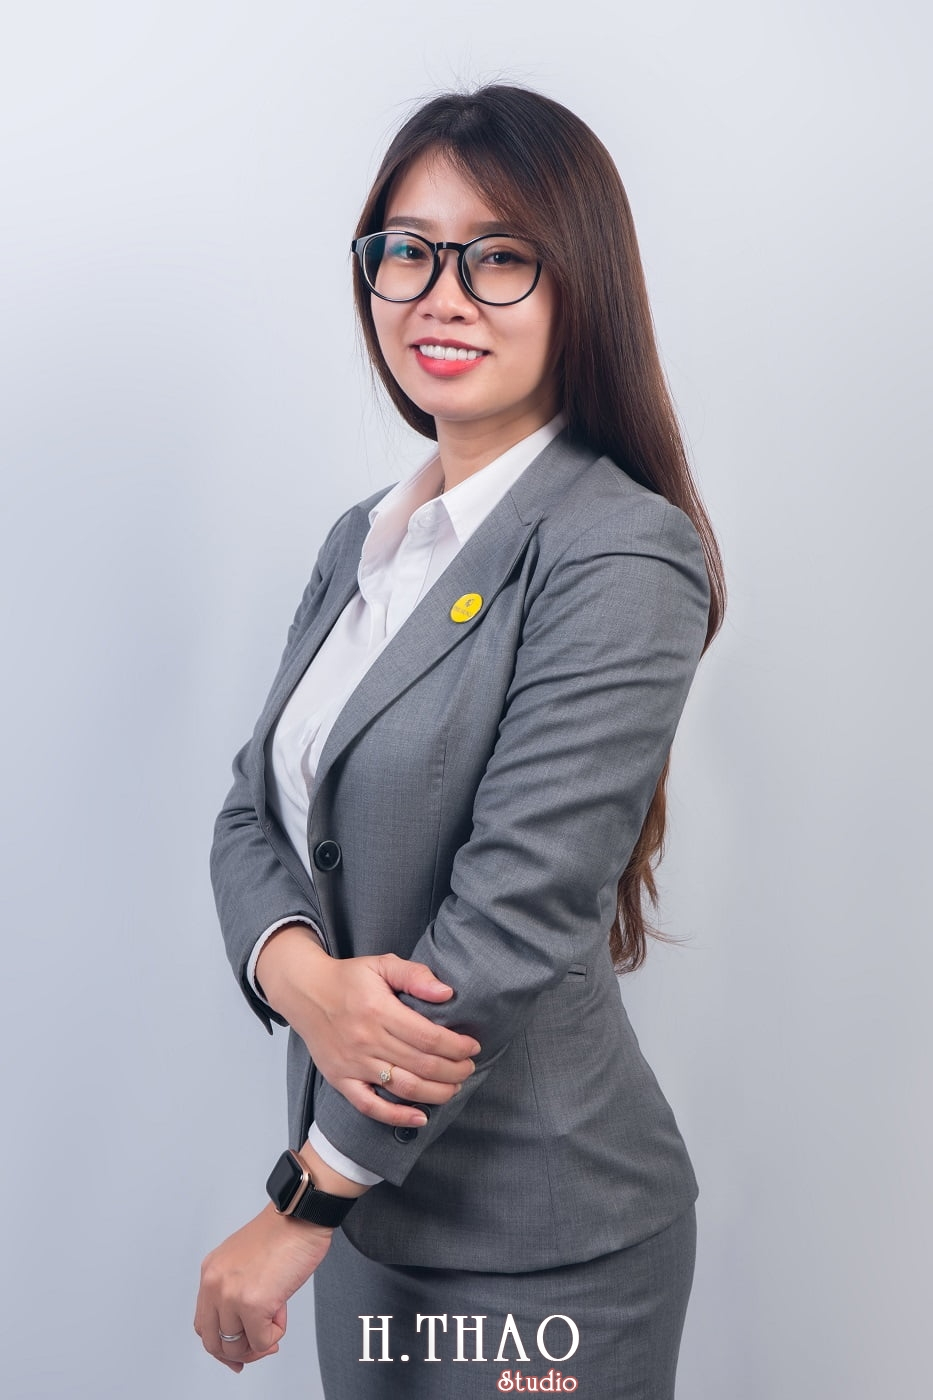 Phu Hung Land 8 - Album ảnh profile nhân sự công ty Phu Hung Land – HThao Studio